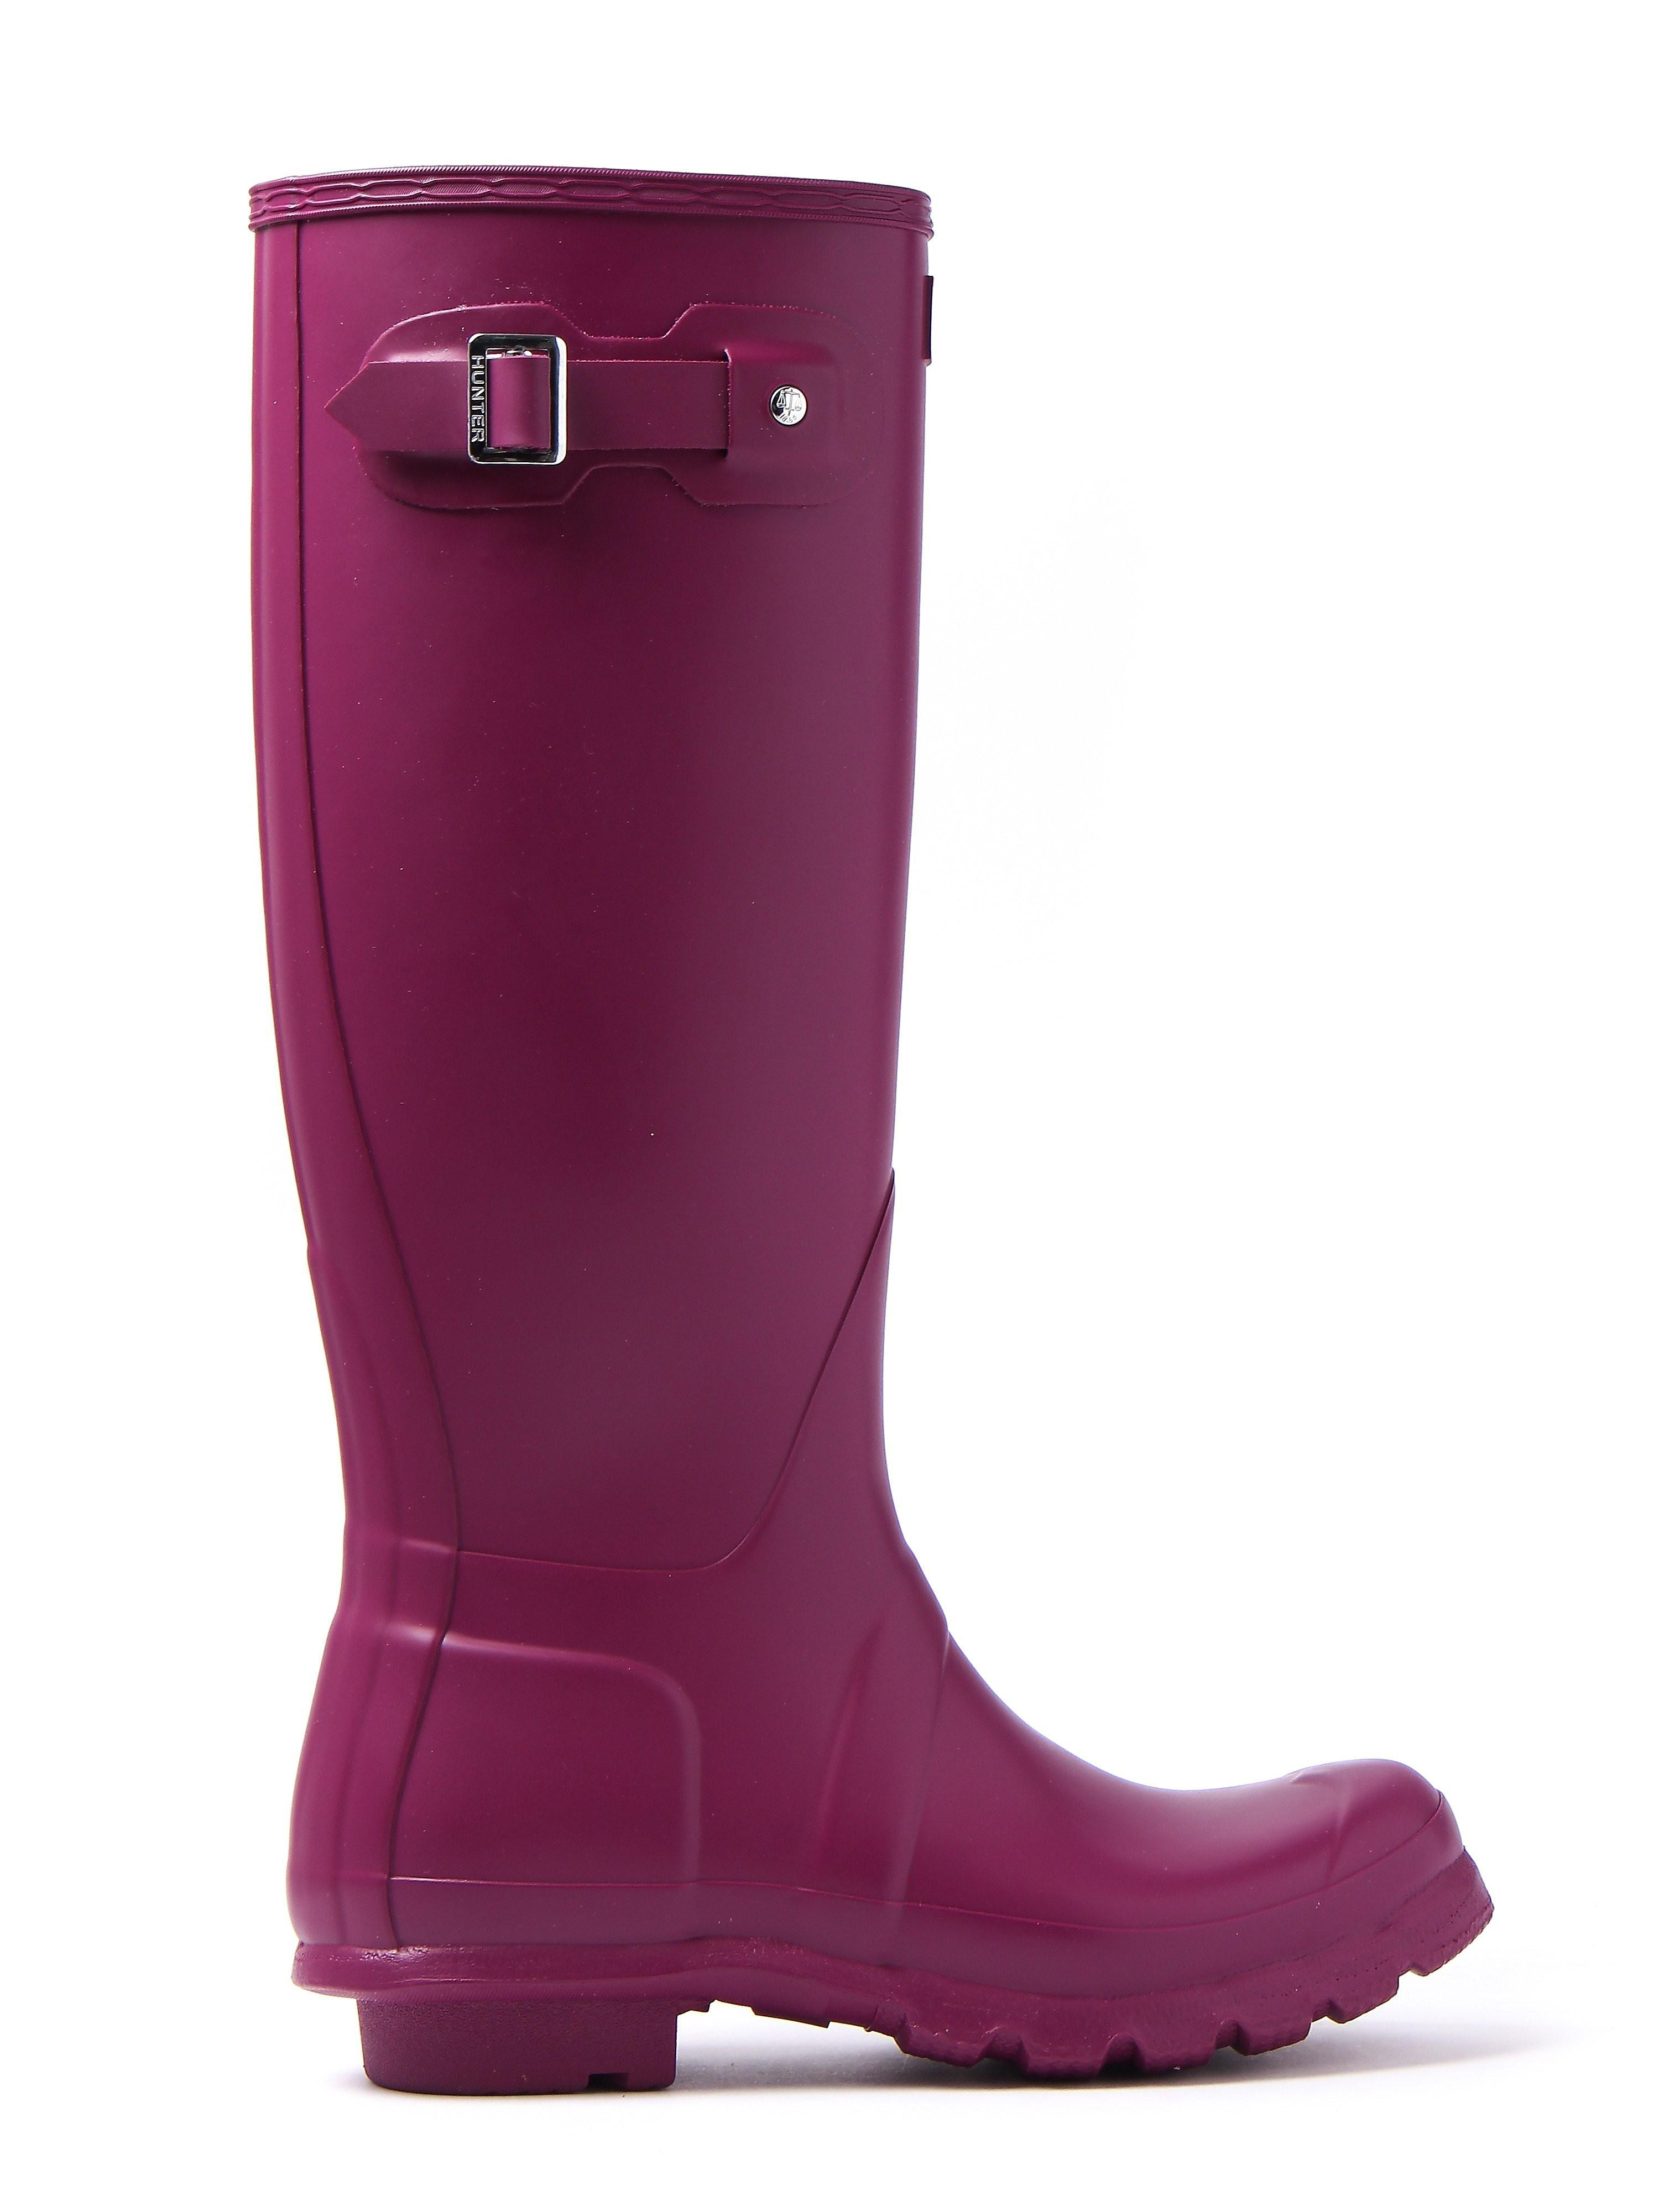 Hunter Wellies Women's Original Tall Wellington Boots - Violet